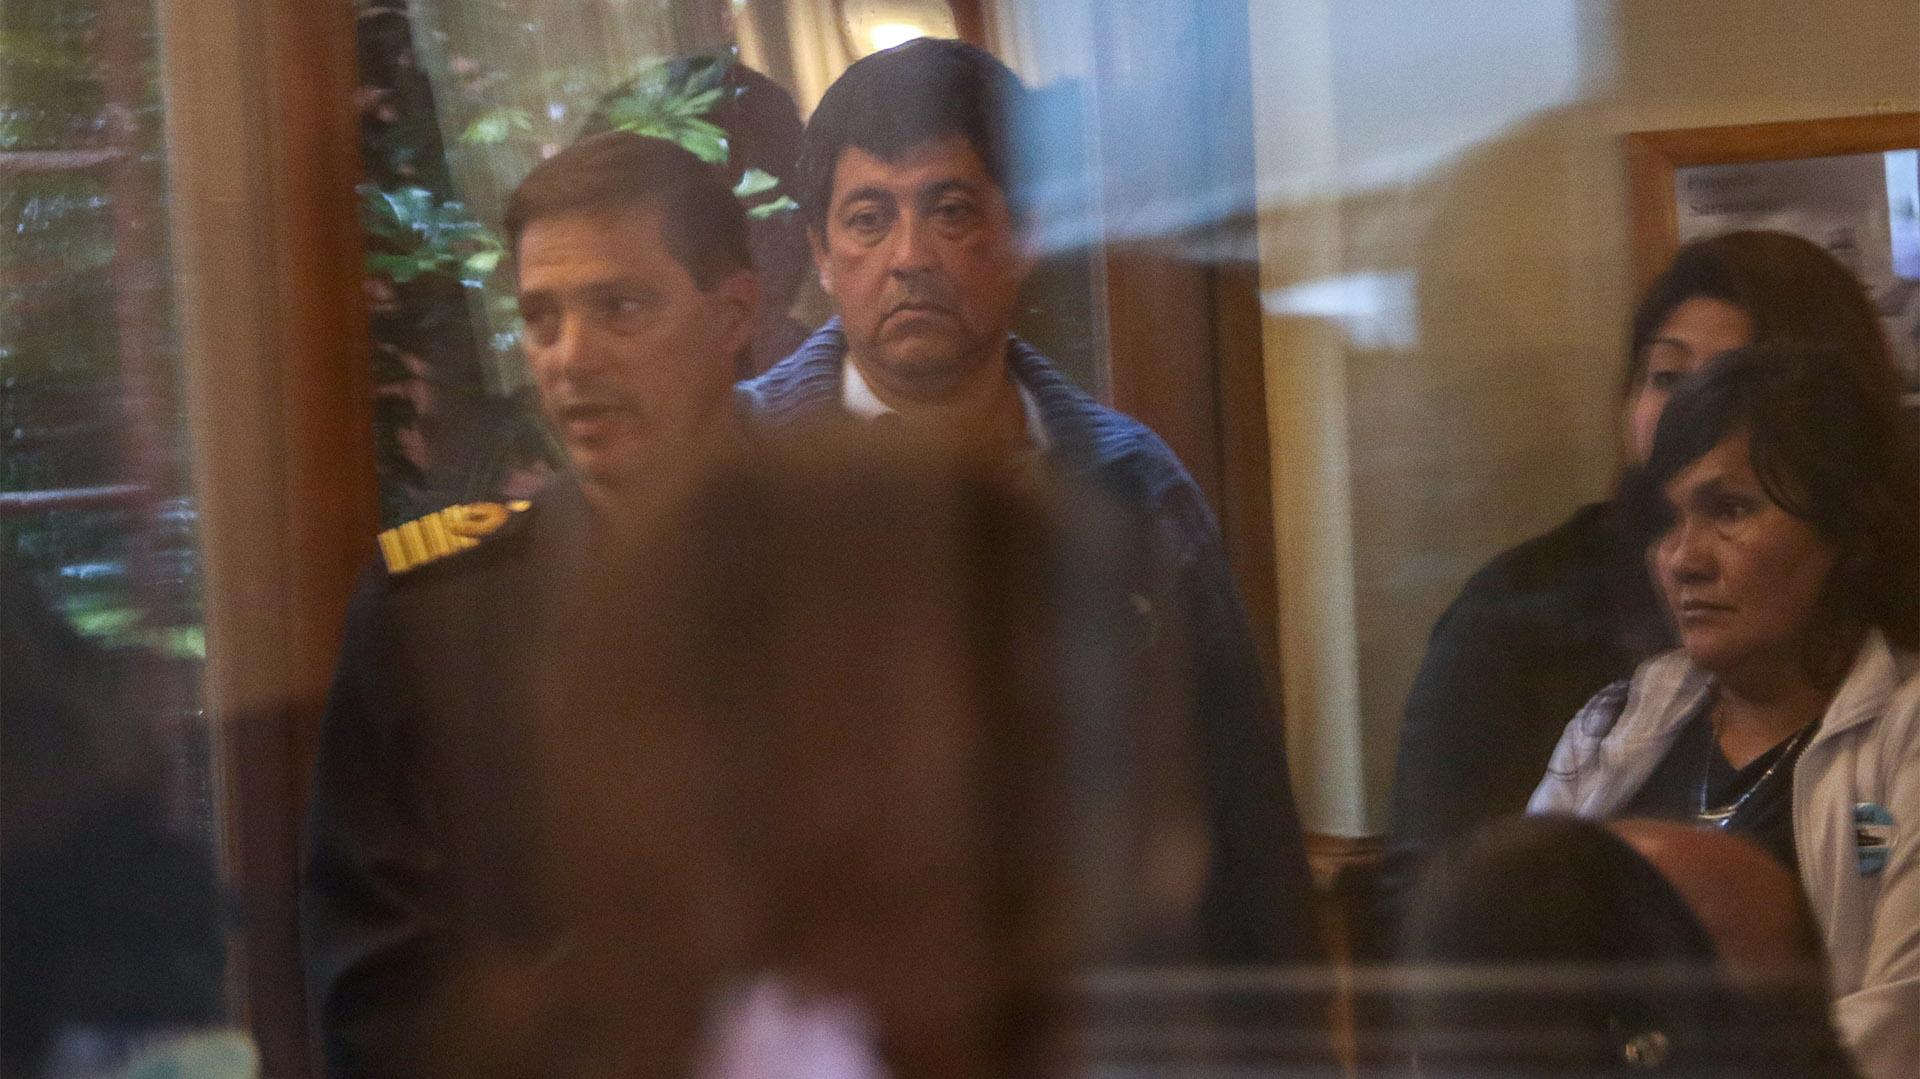 Así le comunicaron a un grupo de familiares los detalles del hallazgo de la embarcación (Christian Heit)